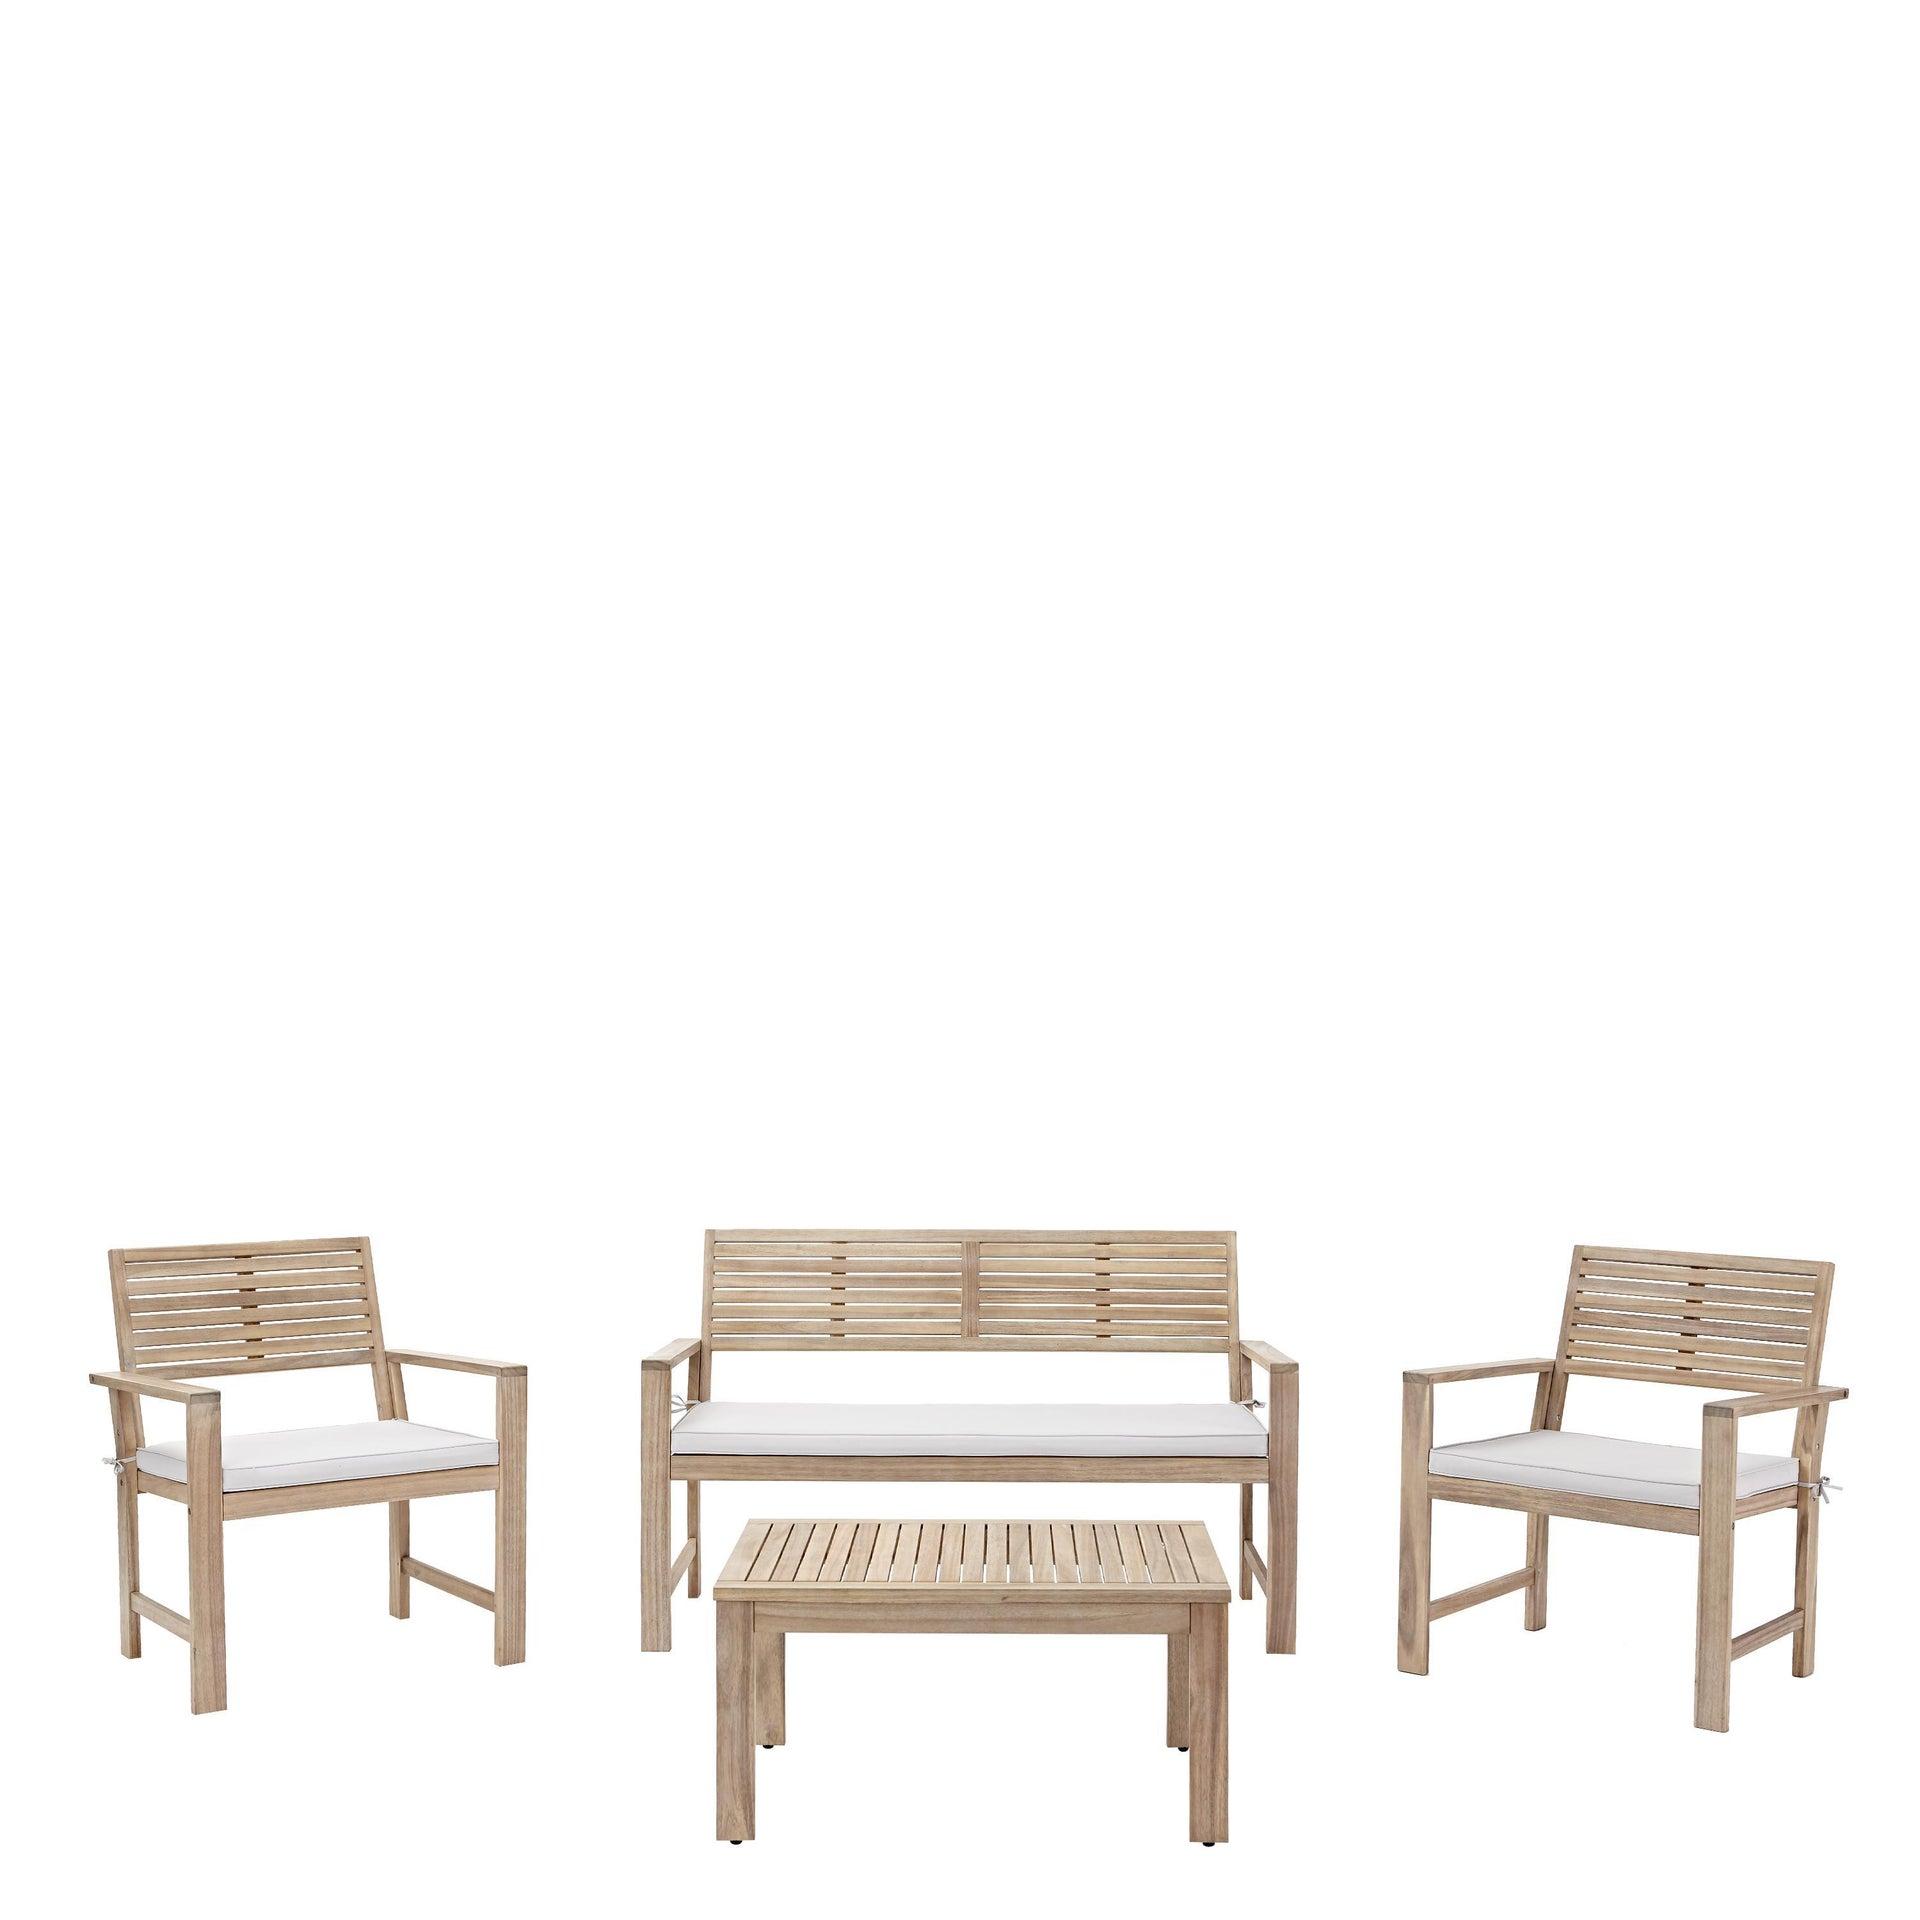 Coffee set rivestito in legno NATERIAL Solis per 4 persone - 15